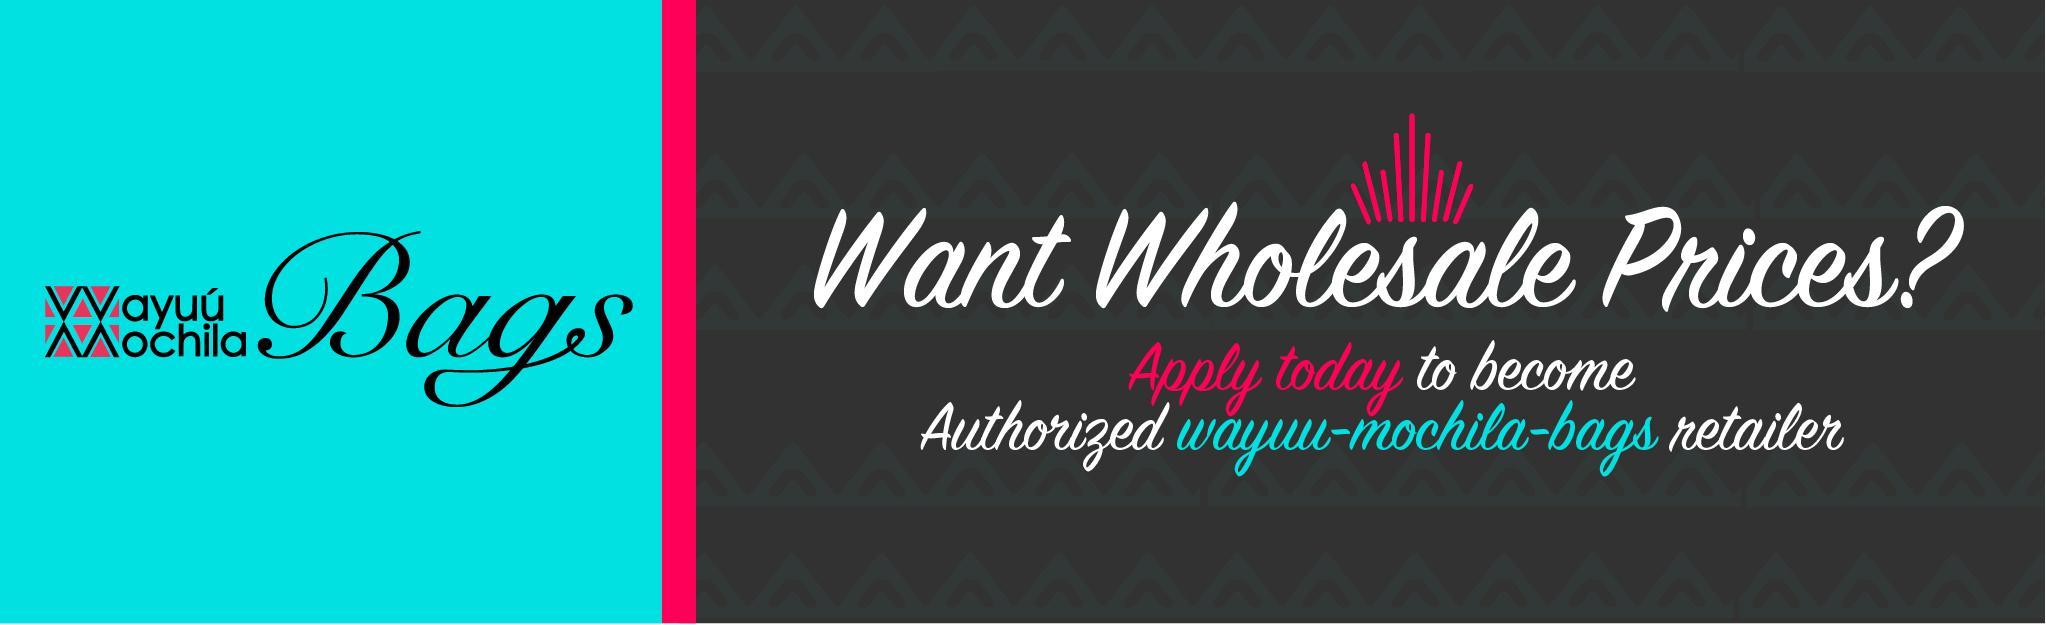 Bags 01 Worldwide Online ⋆1 Official Wayuu Wholesale Mochila 0Pn8wOk